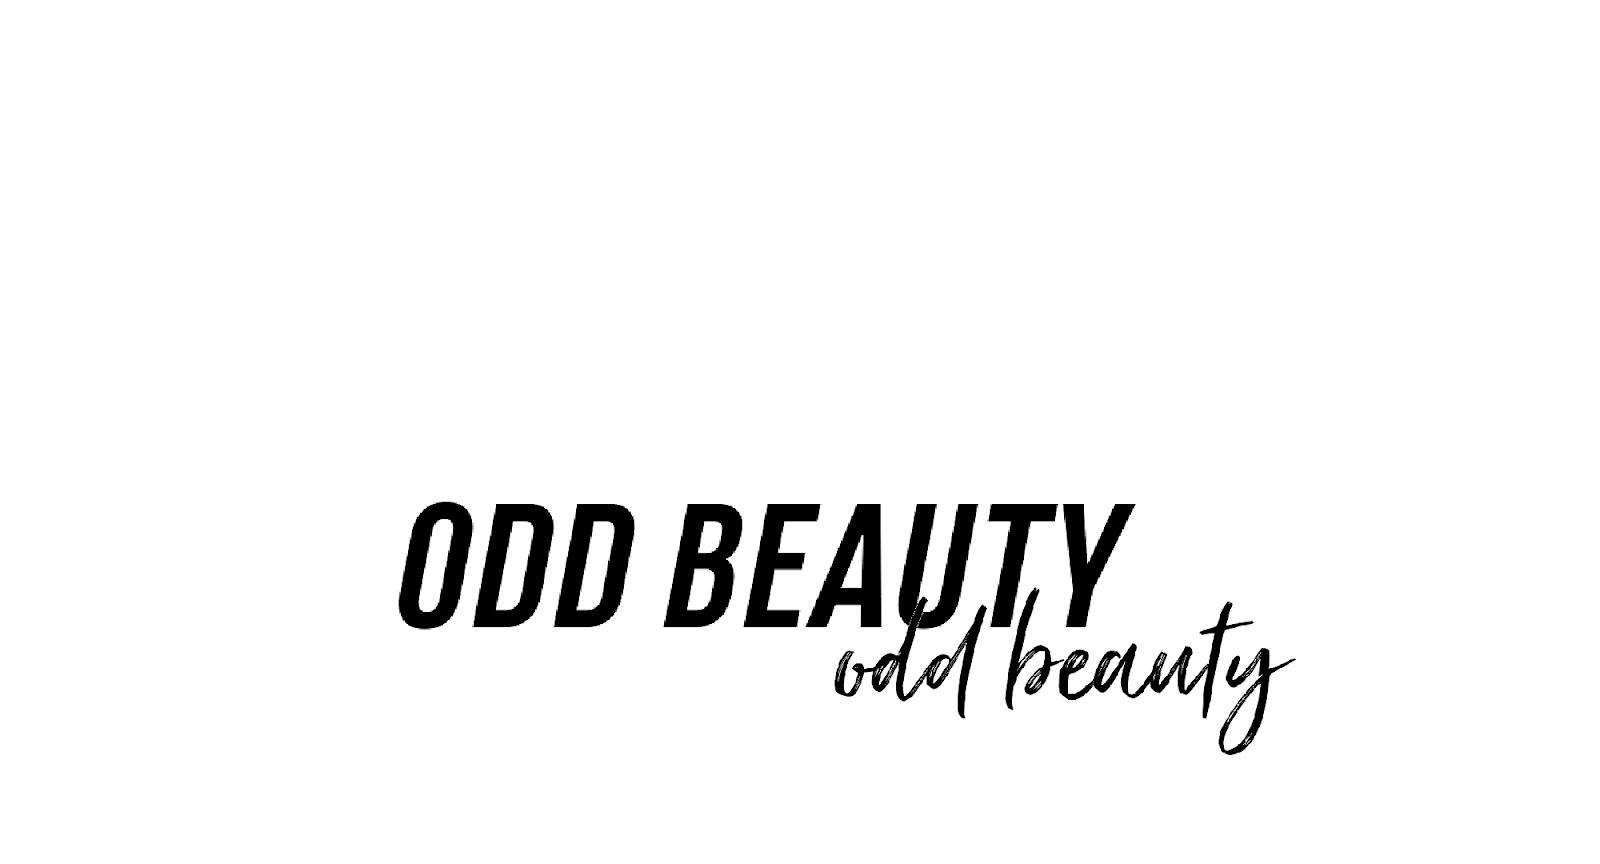 ODD BEAUTY